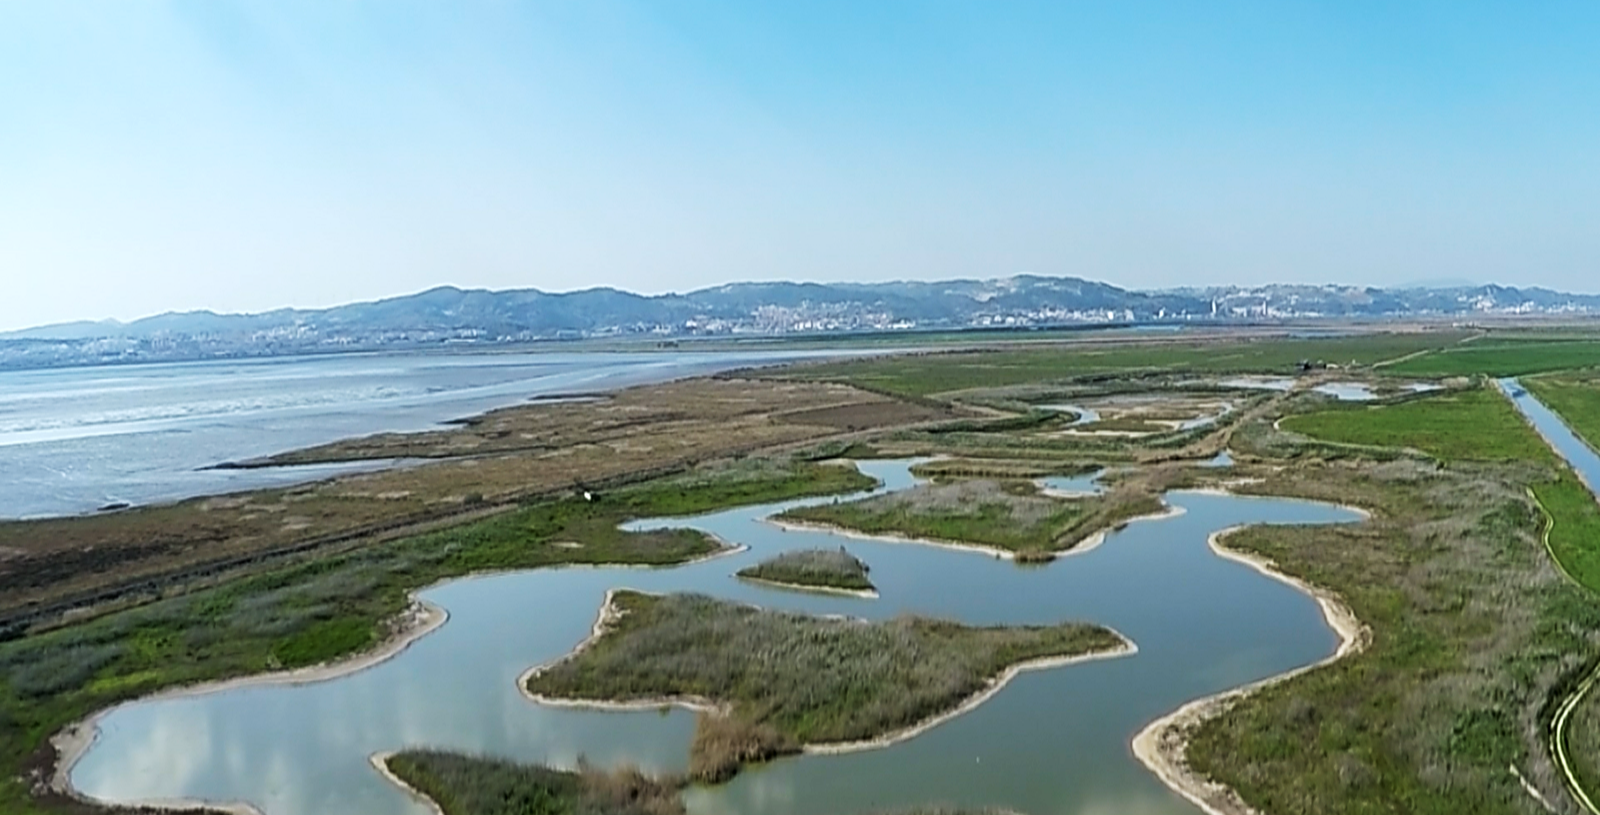 Tagus estuary wetland